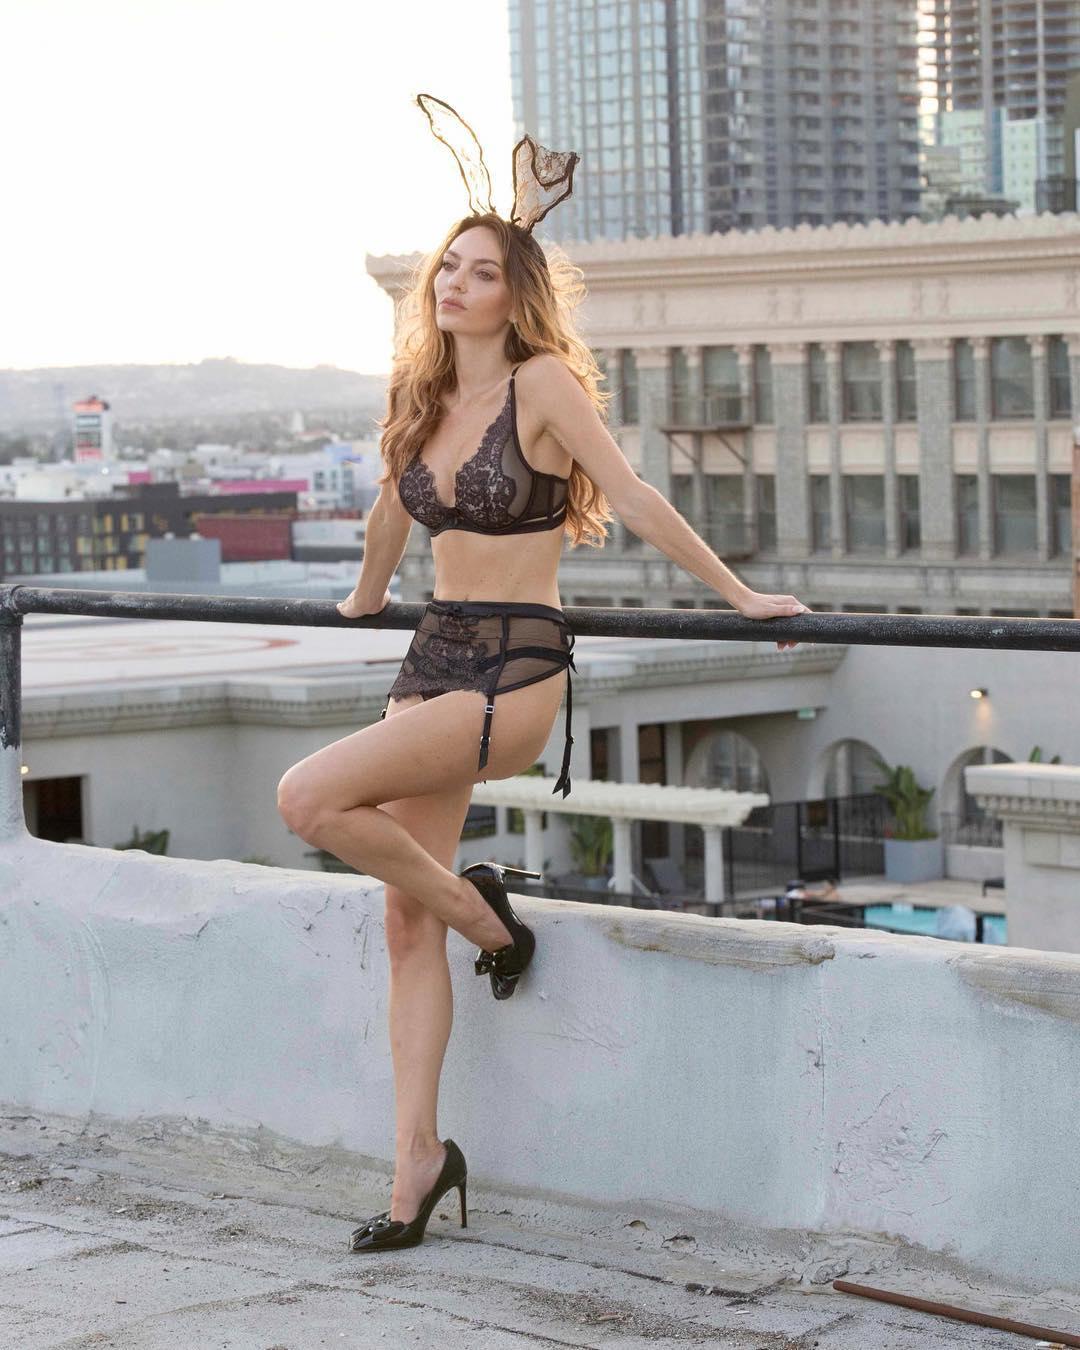 Jocelyn Binder Nude Photos 2